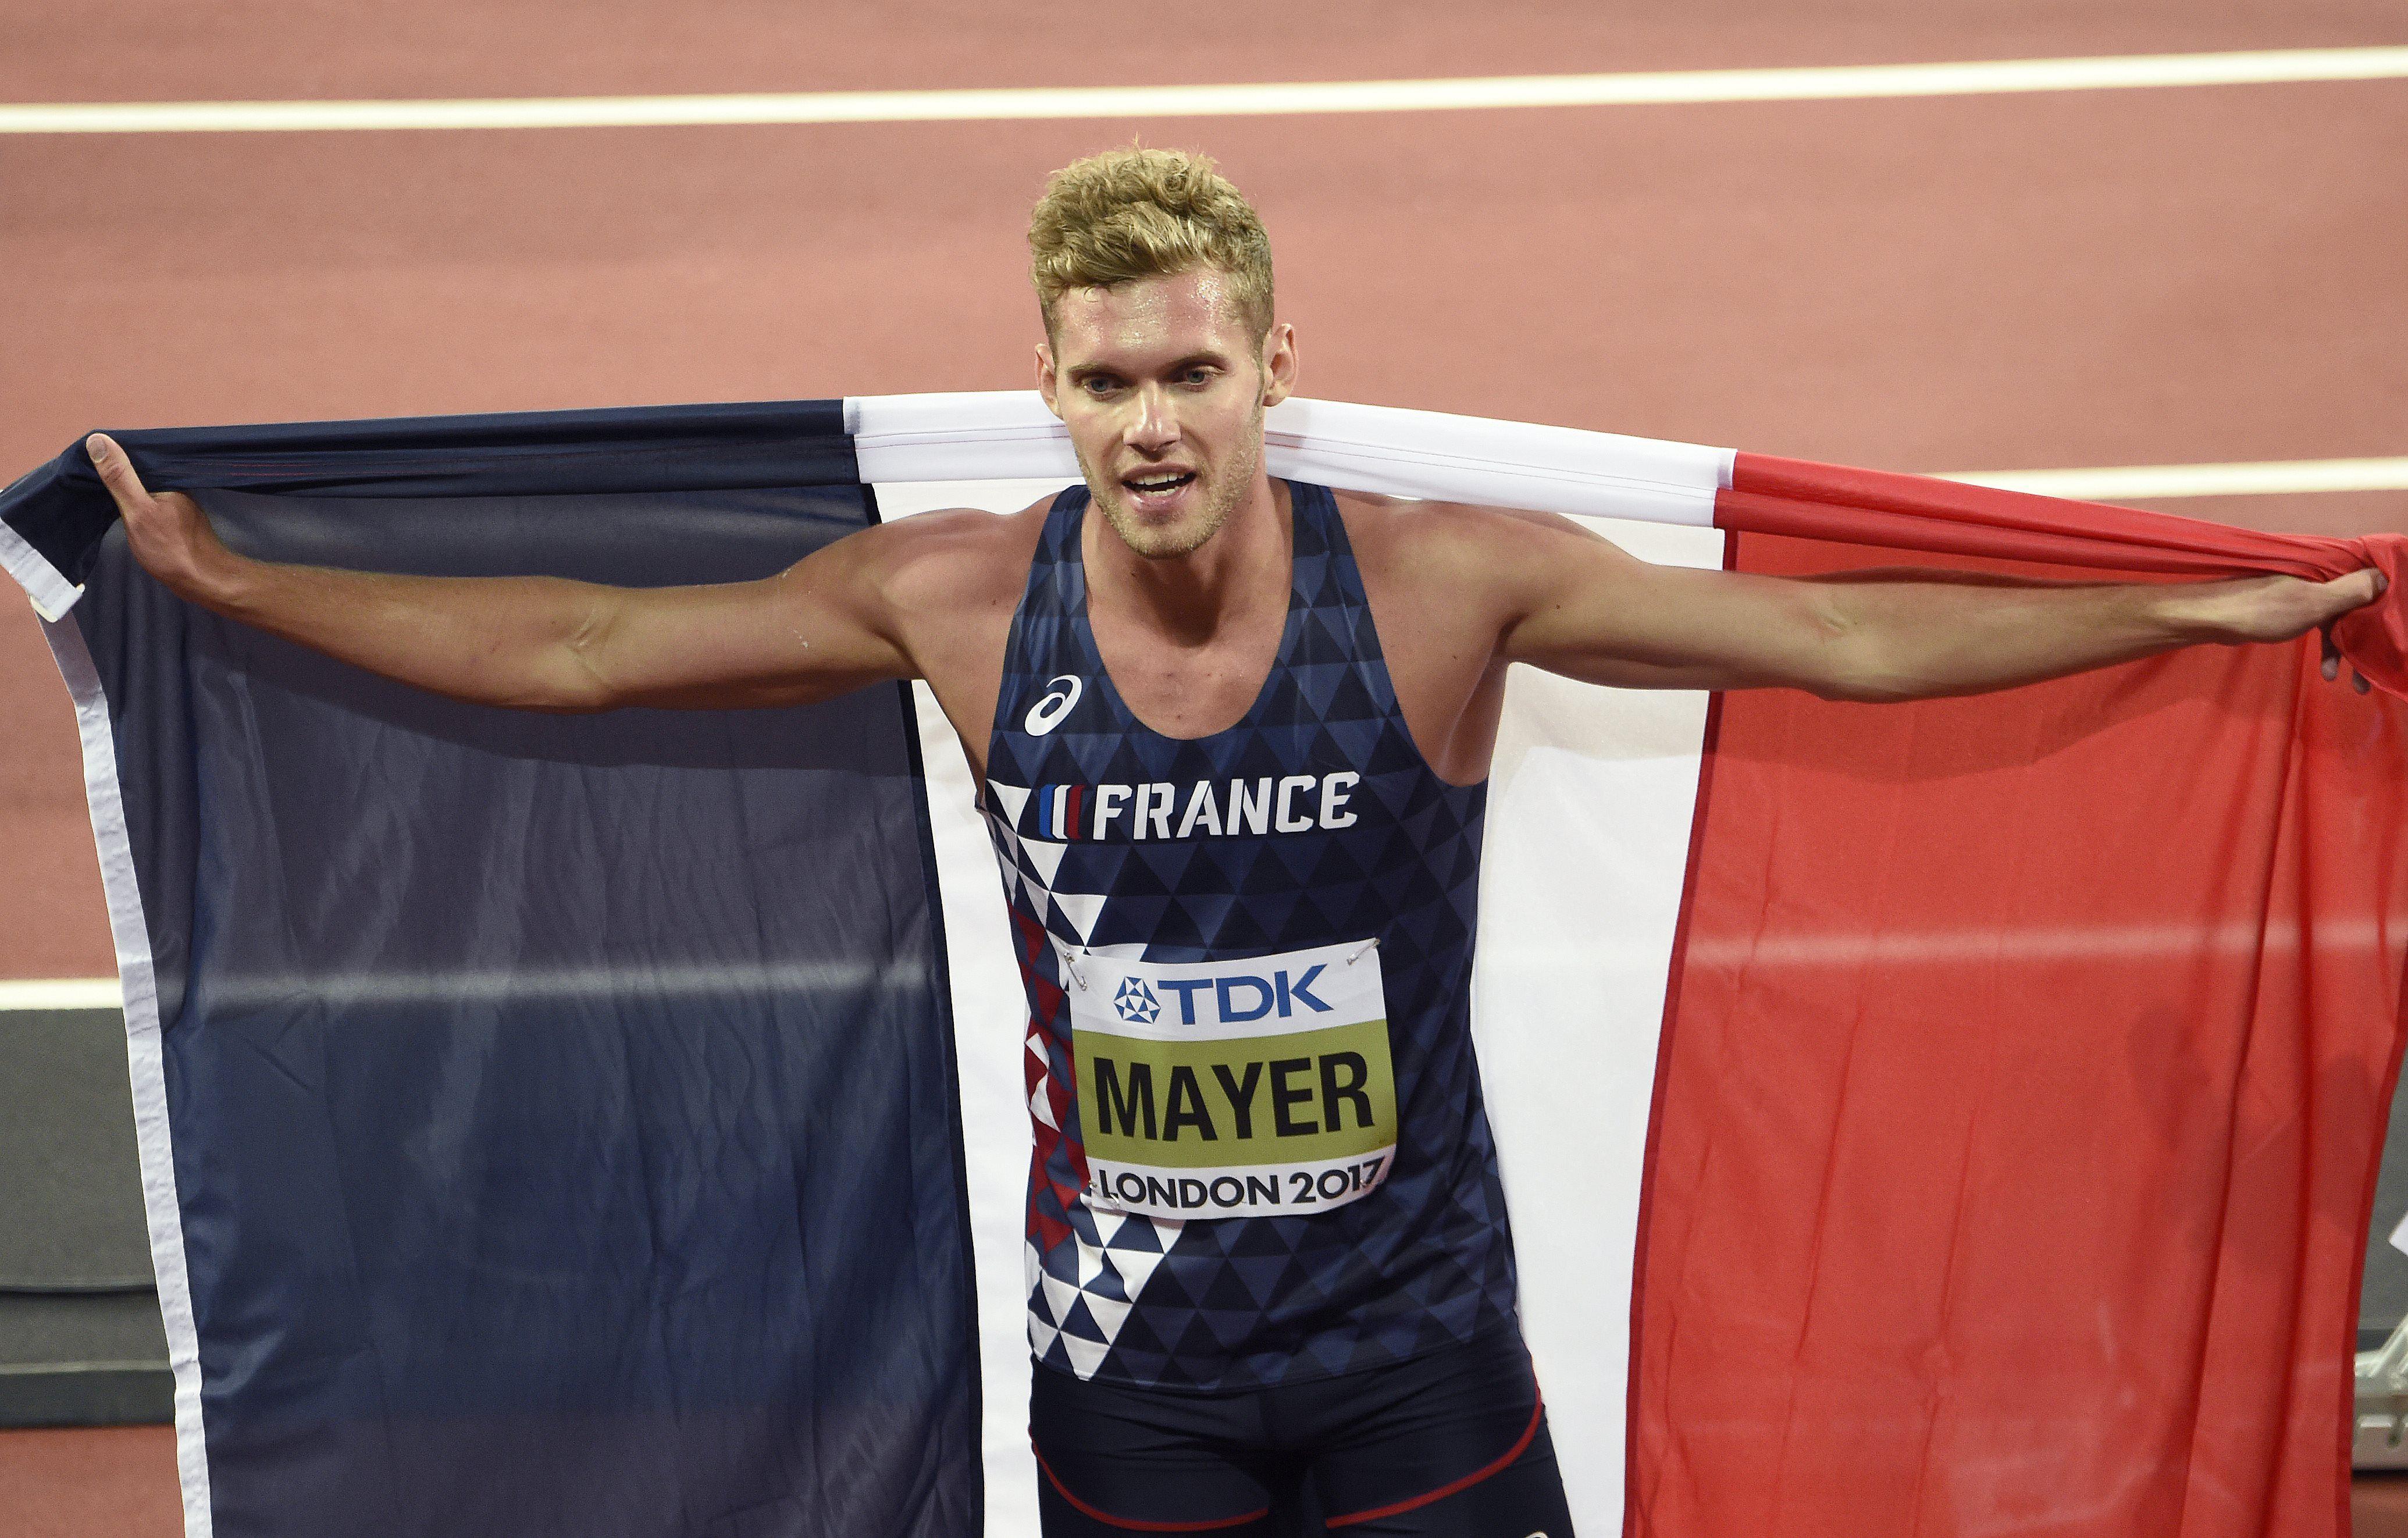 Athlétisme - Kevin Mayer répond à un tweet sur la supériorité de la race blanche